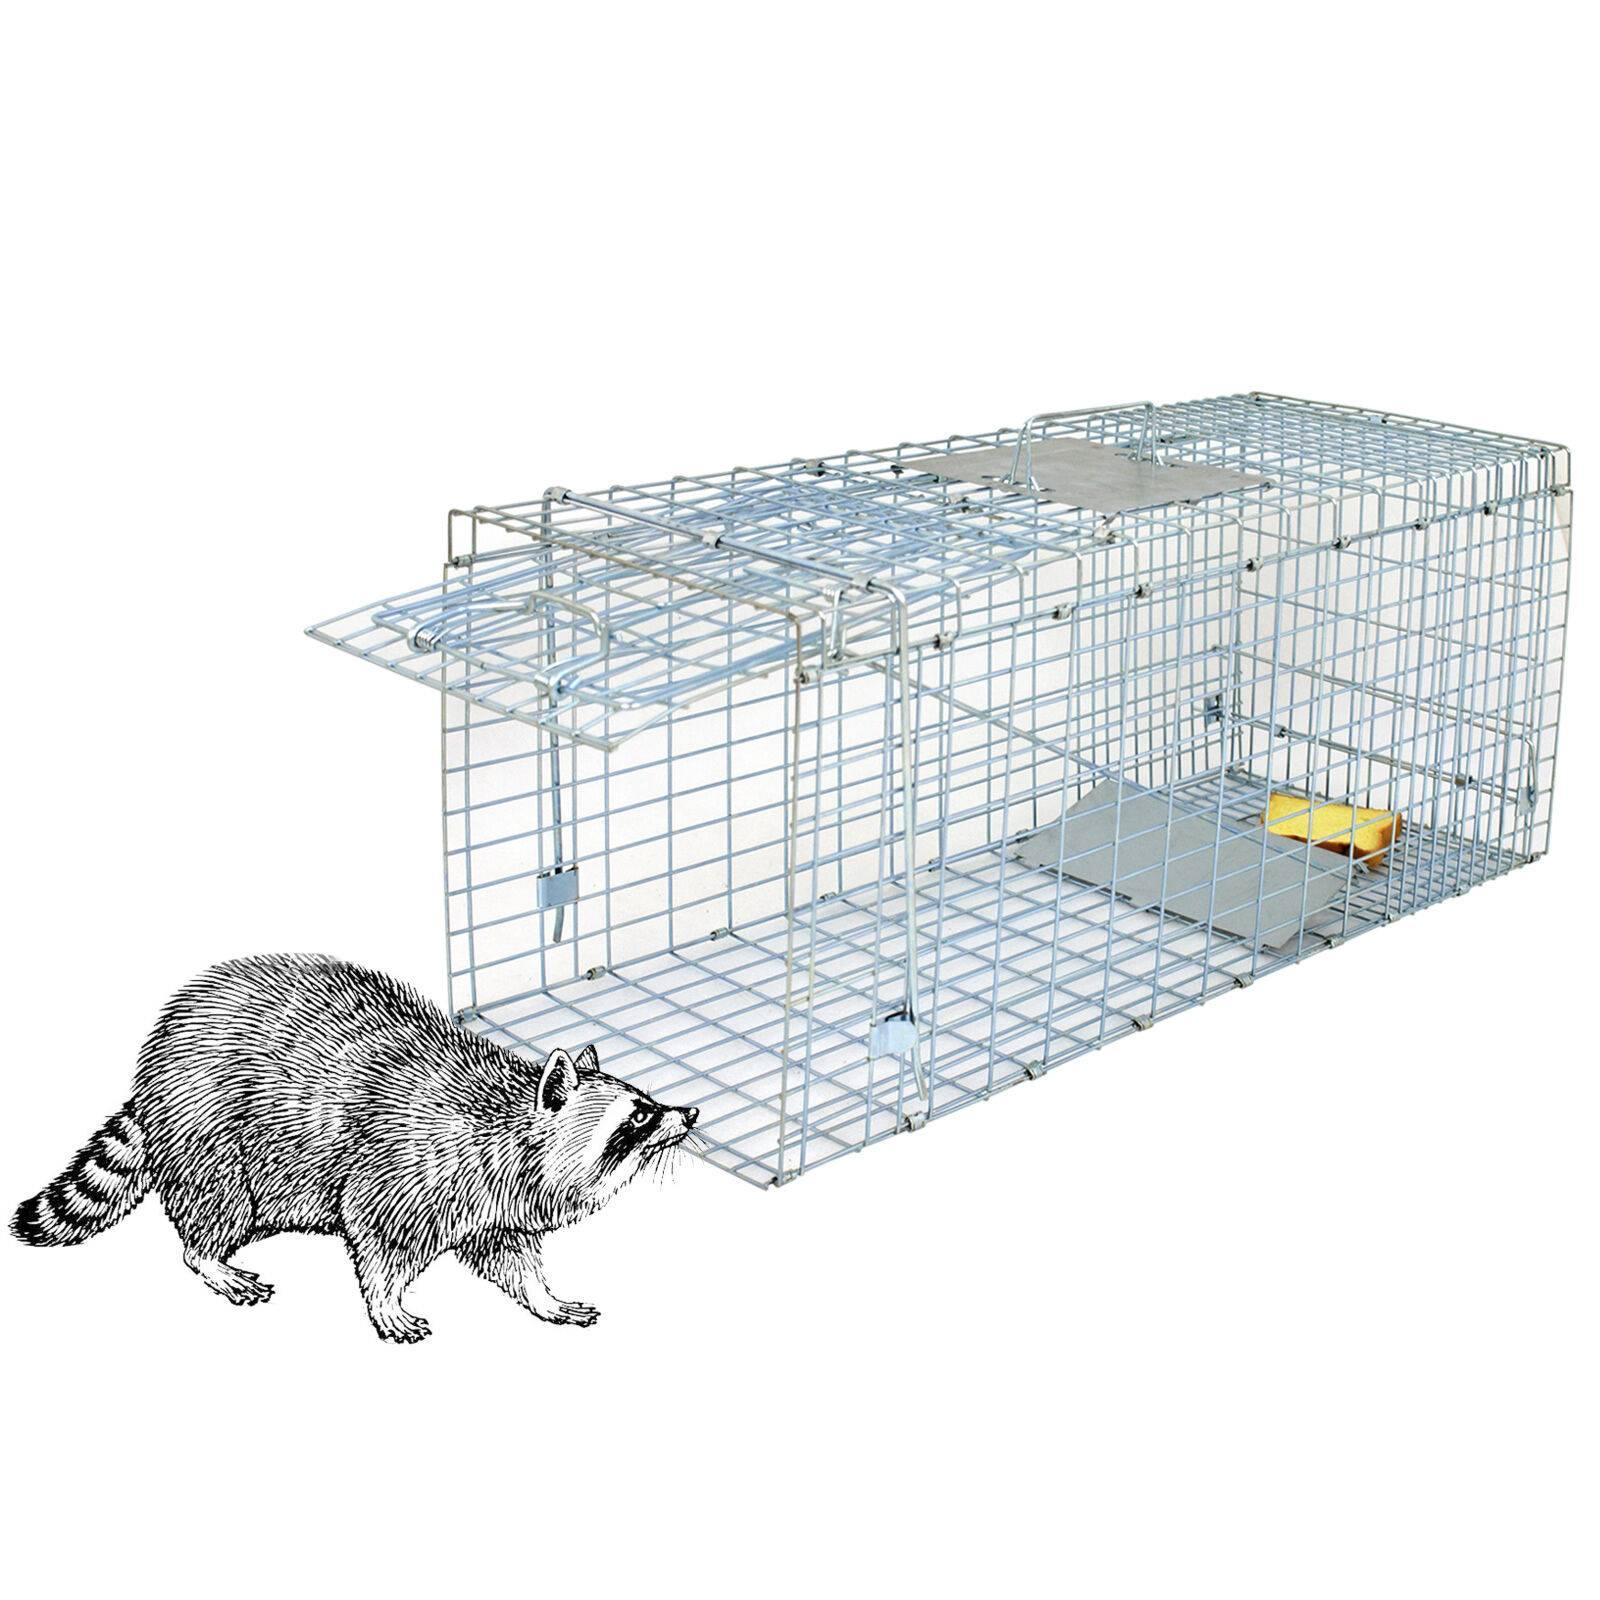 Как сделать ловушку для крыс: 110 фото лучших самодельных крысоловок